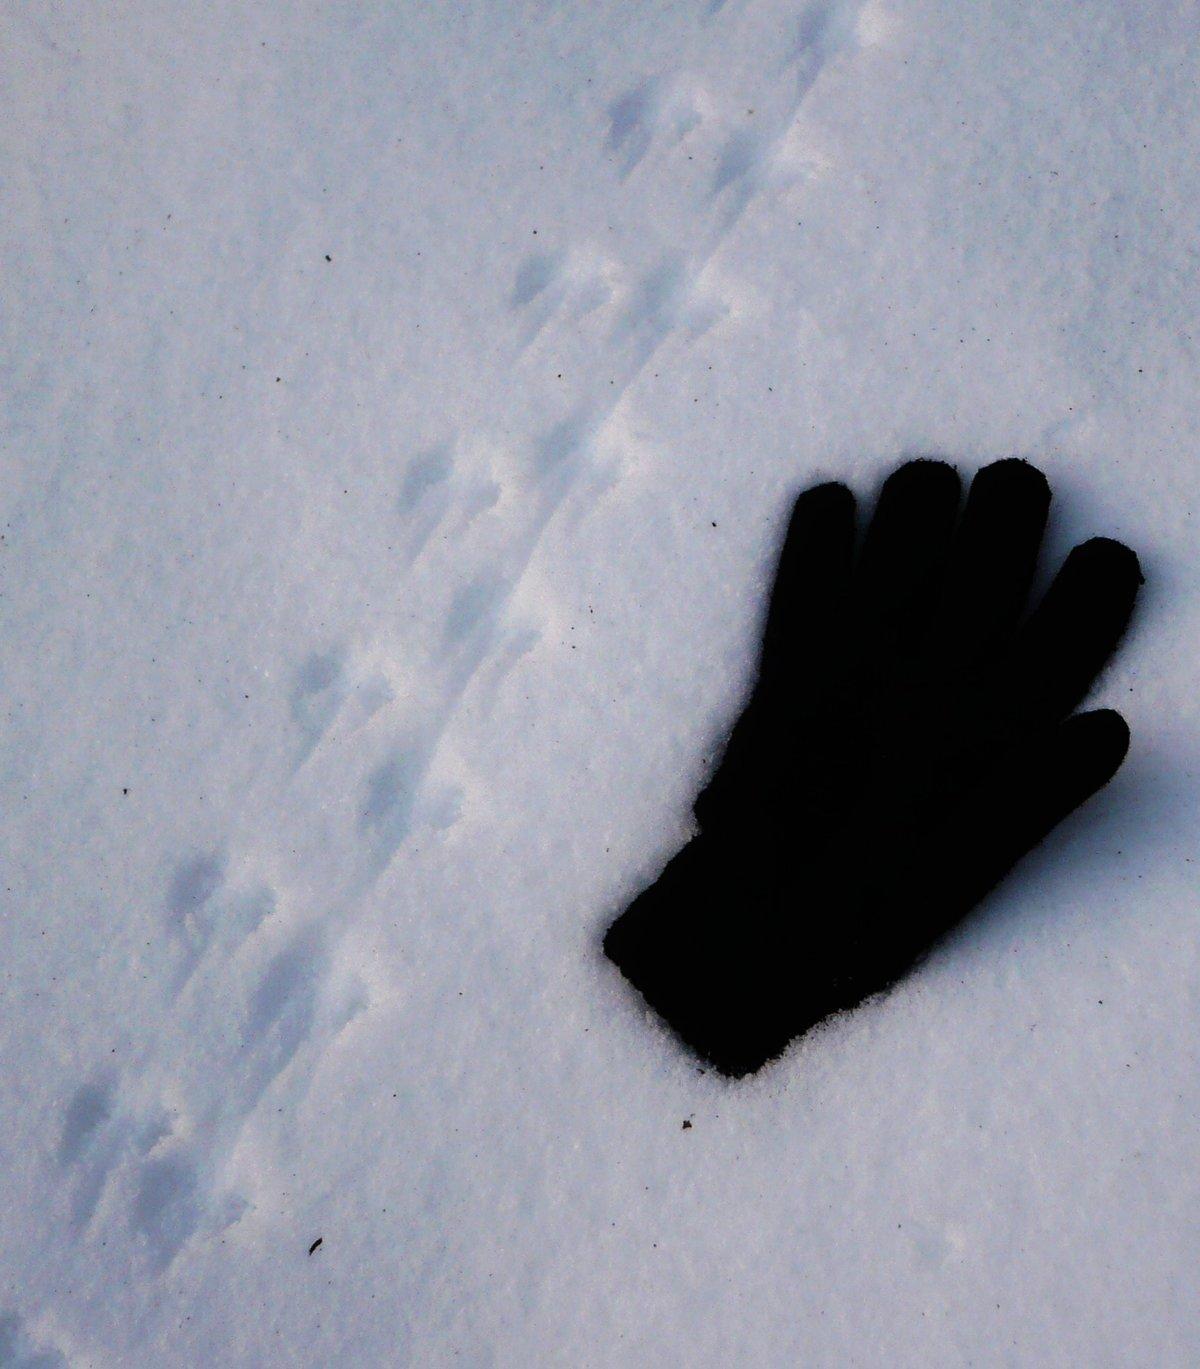 Следы рыси на снегу: как определить местонахождение дикой кошки